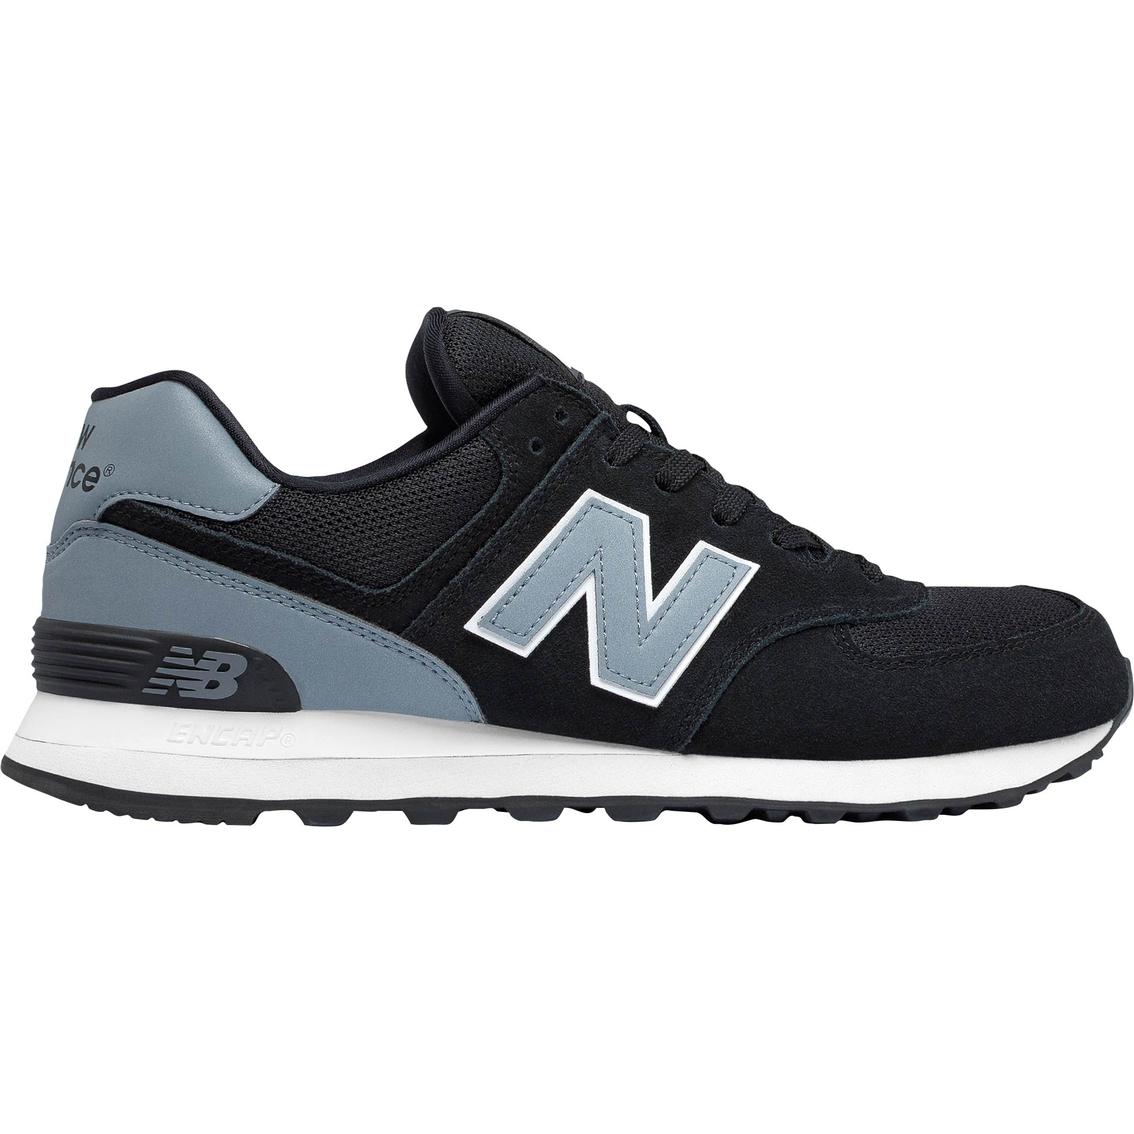 New Balance Men s Ml574 Running Shoes  29206d906e